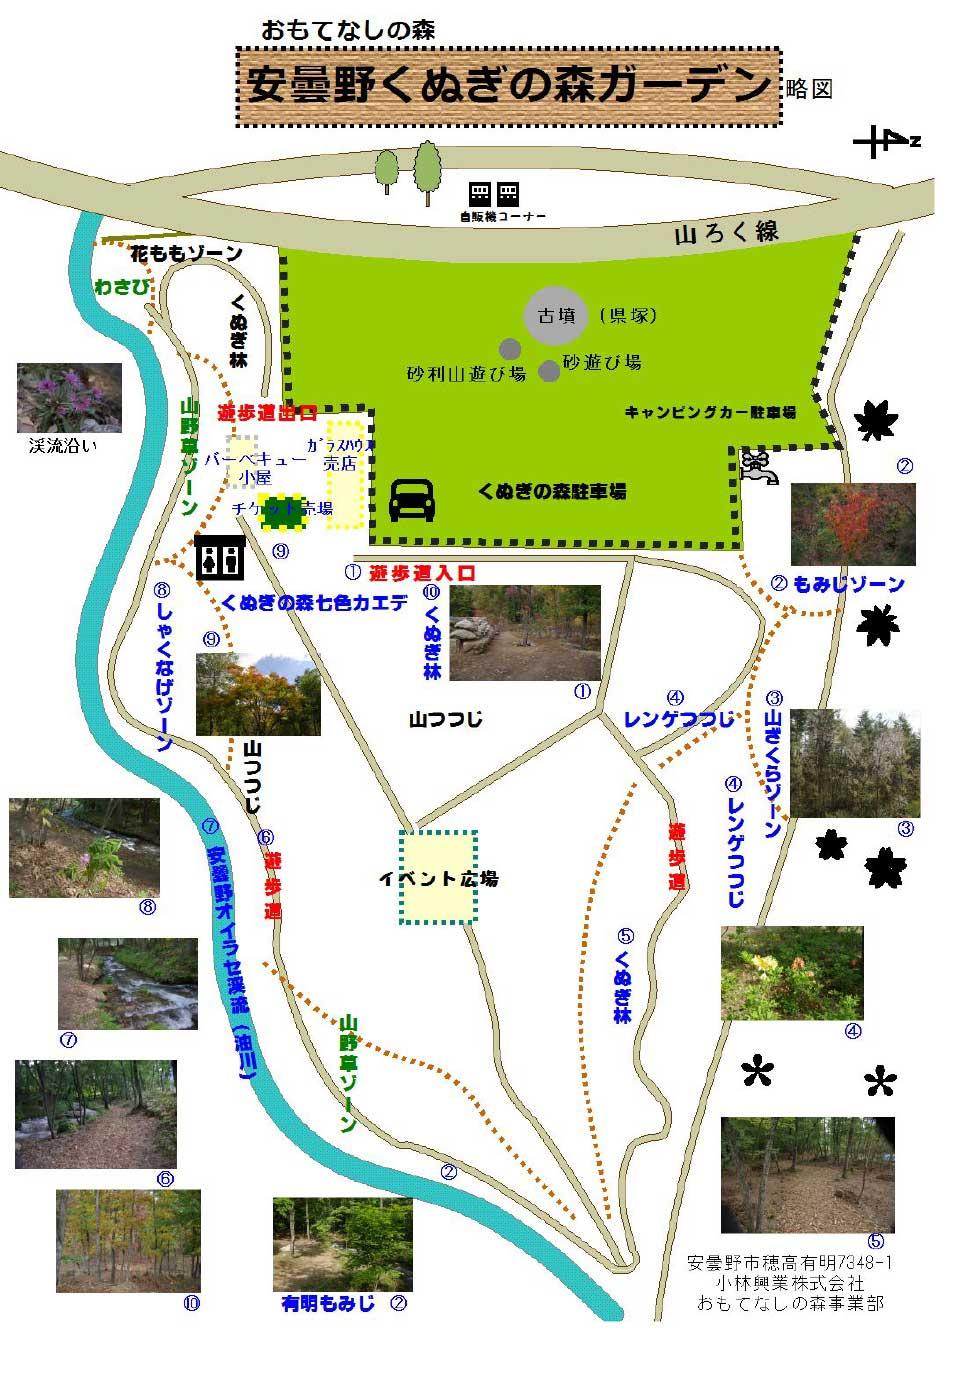 安曇野くぬぎの森ガーデン略図